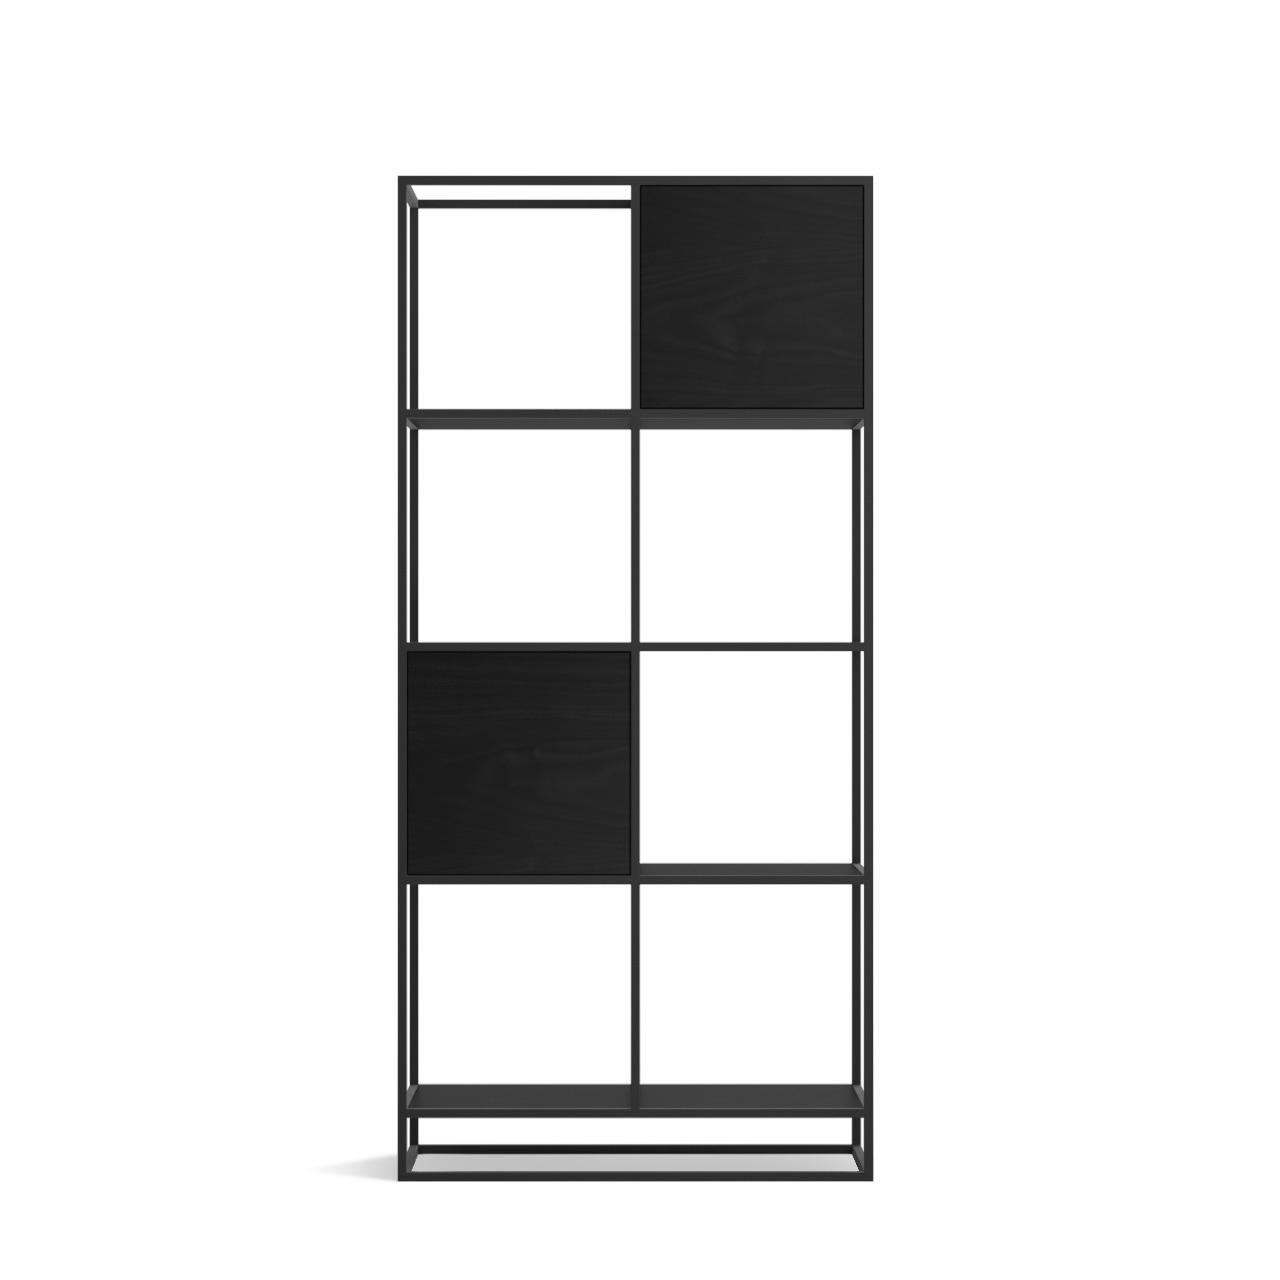 Стеллаж Intelligent design Kvadra 2, черный - вид 3